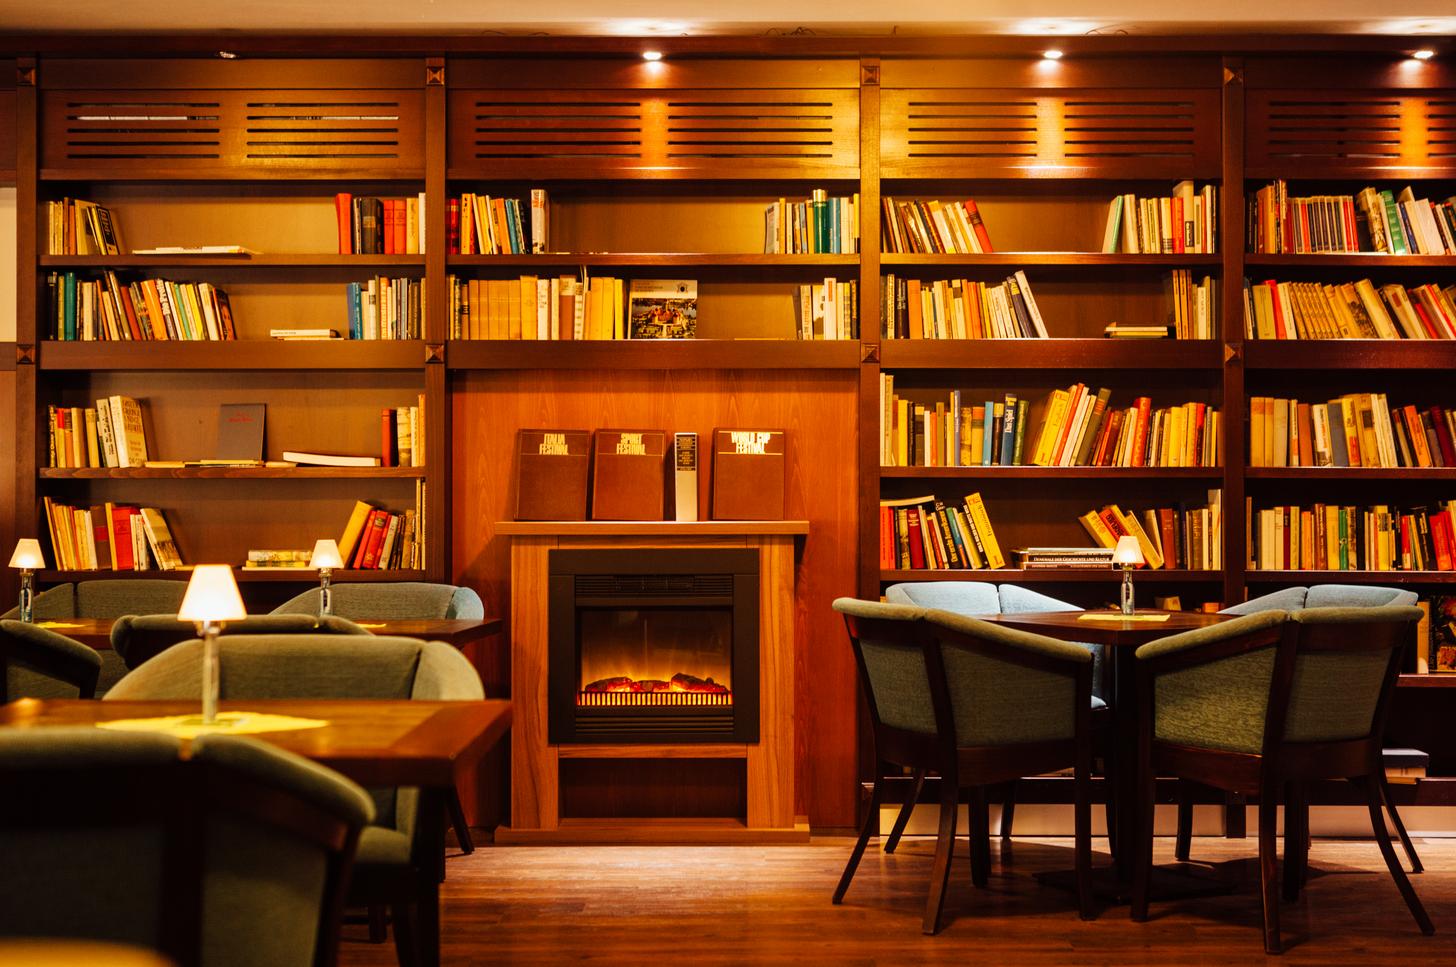 Genießen Sie die gemütliche Atmosphäre der Bibliothek im